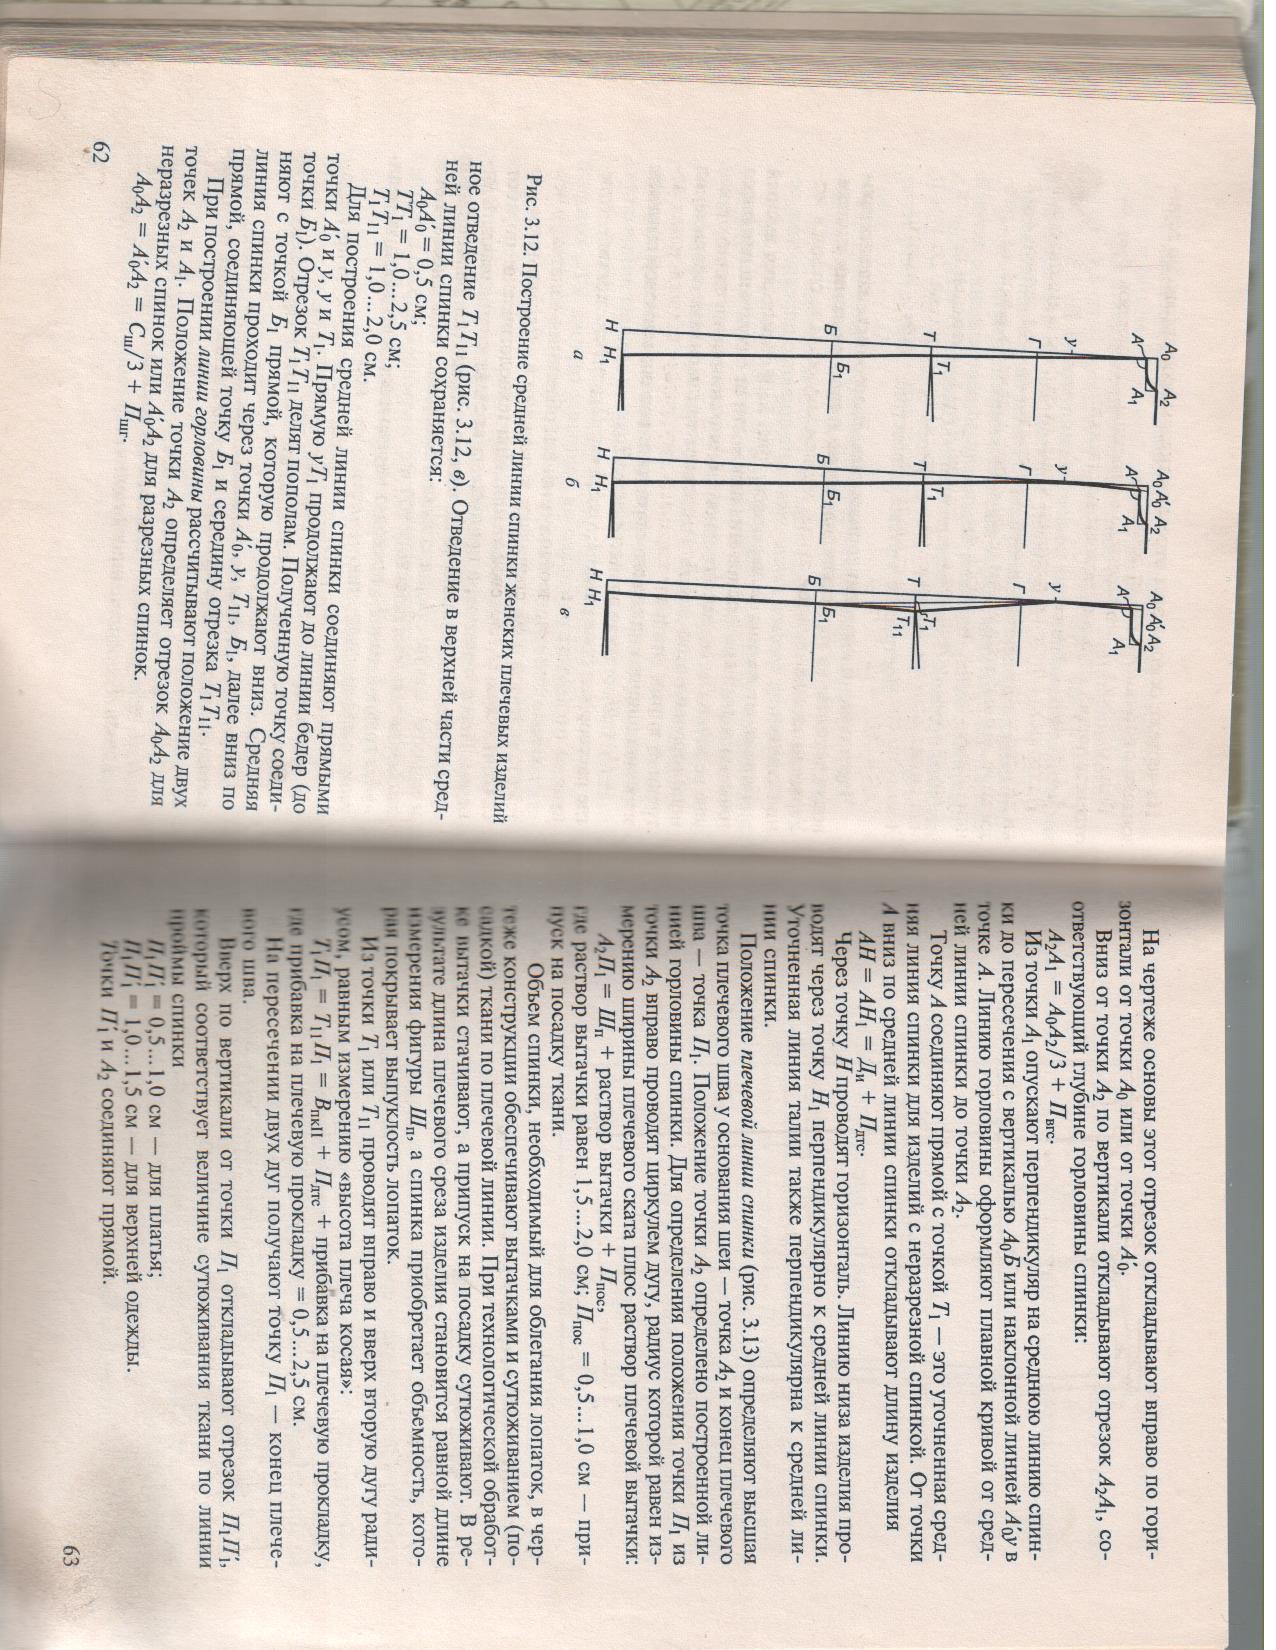 D:\Documents and Settings\Мастер\Мои документы\Мои рисунки\1 007.jpg